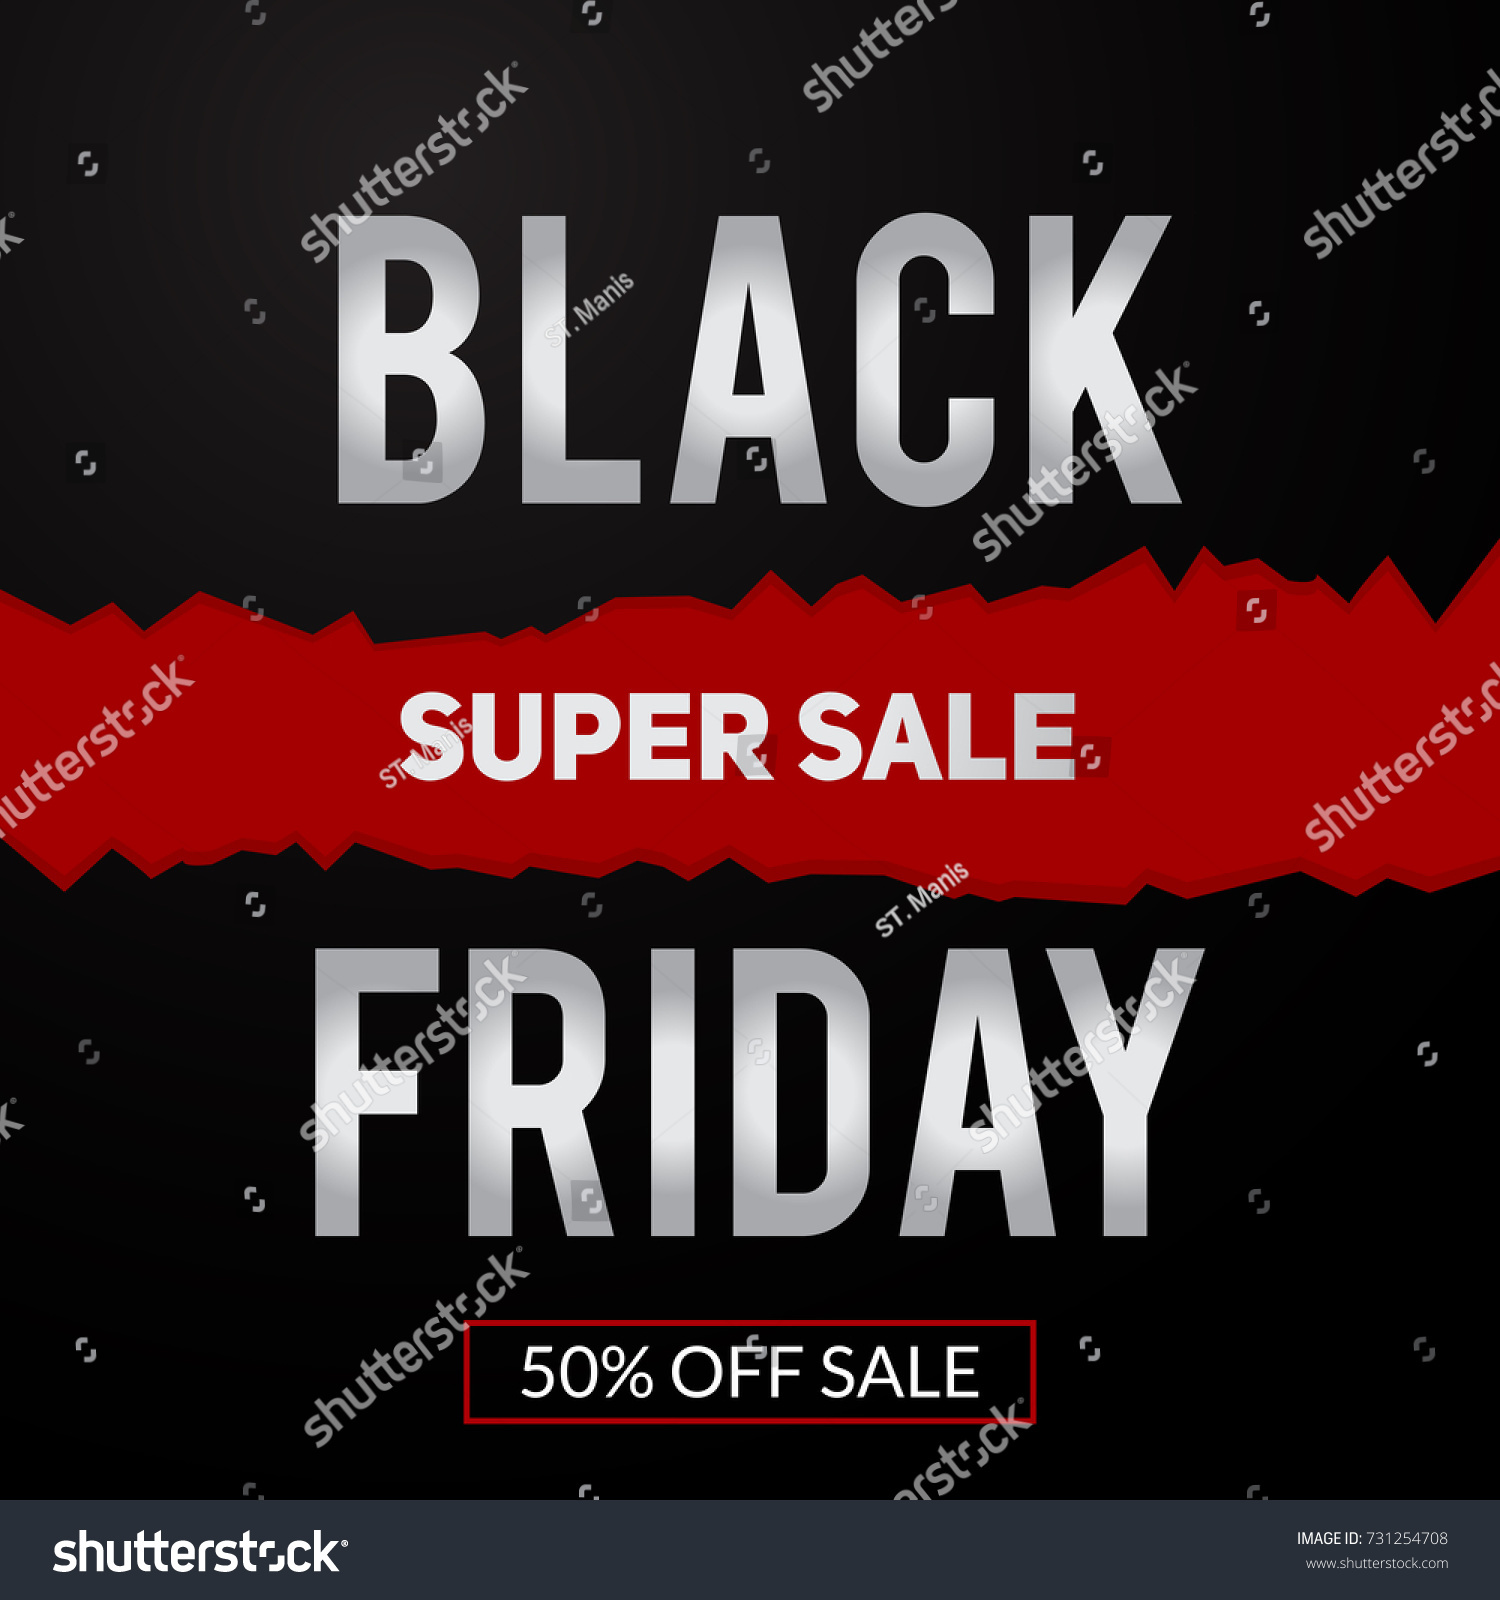 black friday super sale inscription design stock vector 731254708 shutterstock. Black Bedroom Furniture Sets. Home Design Ideas